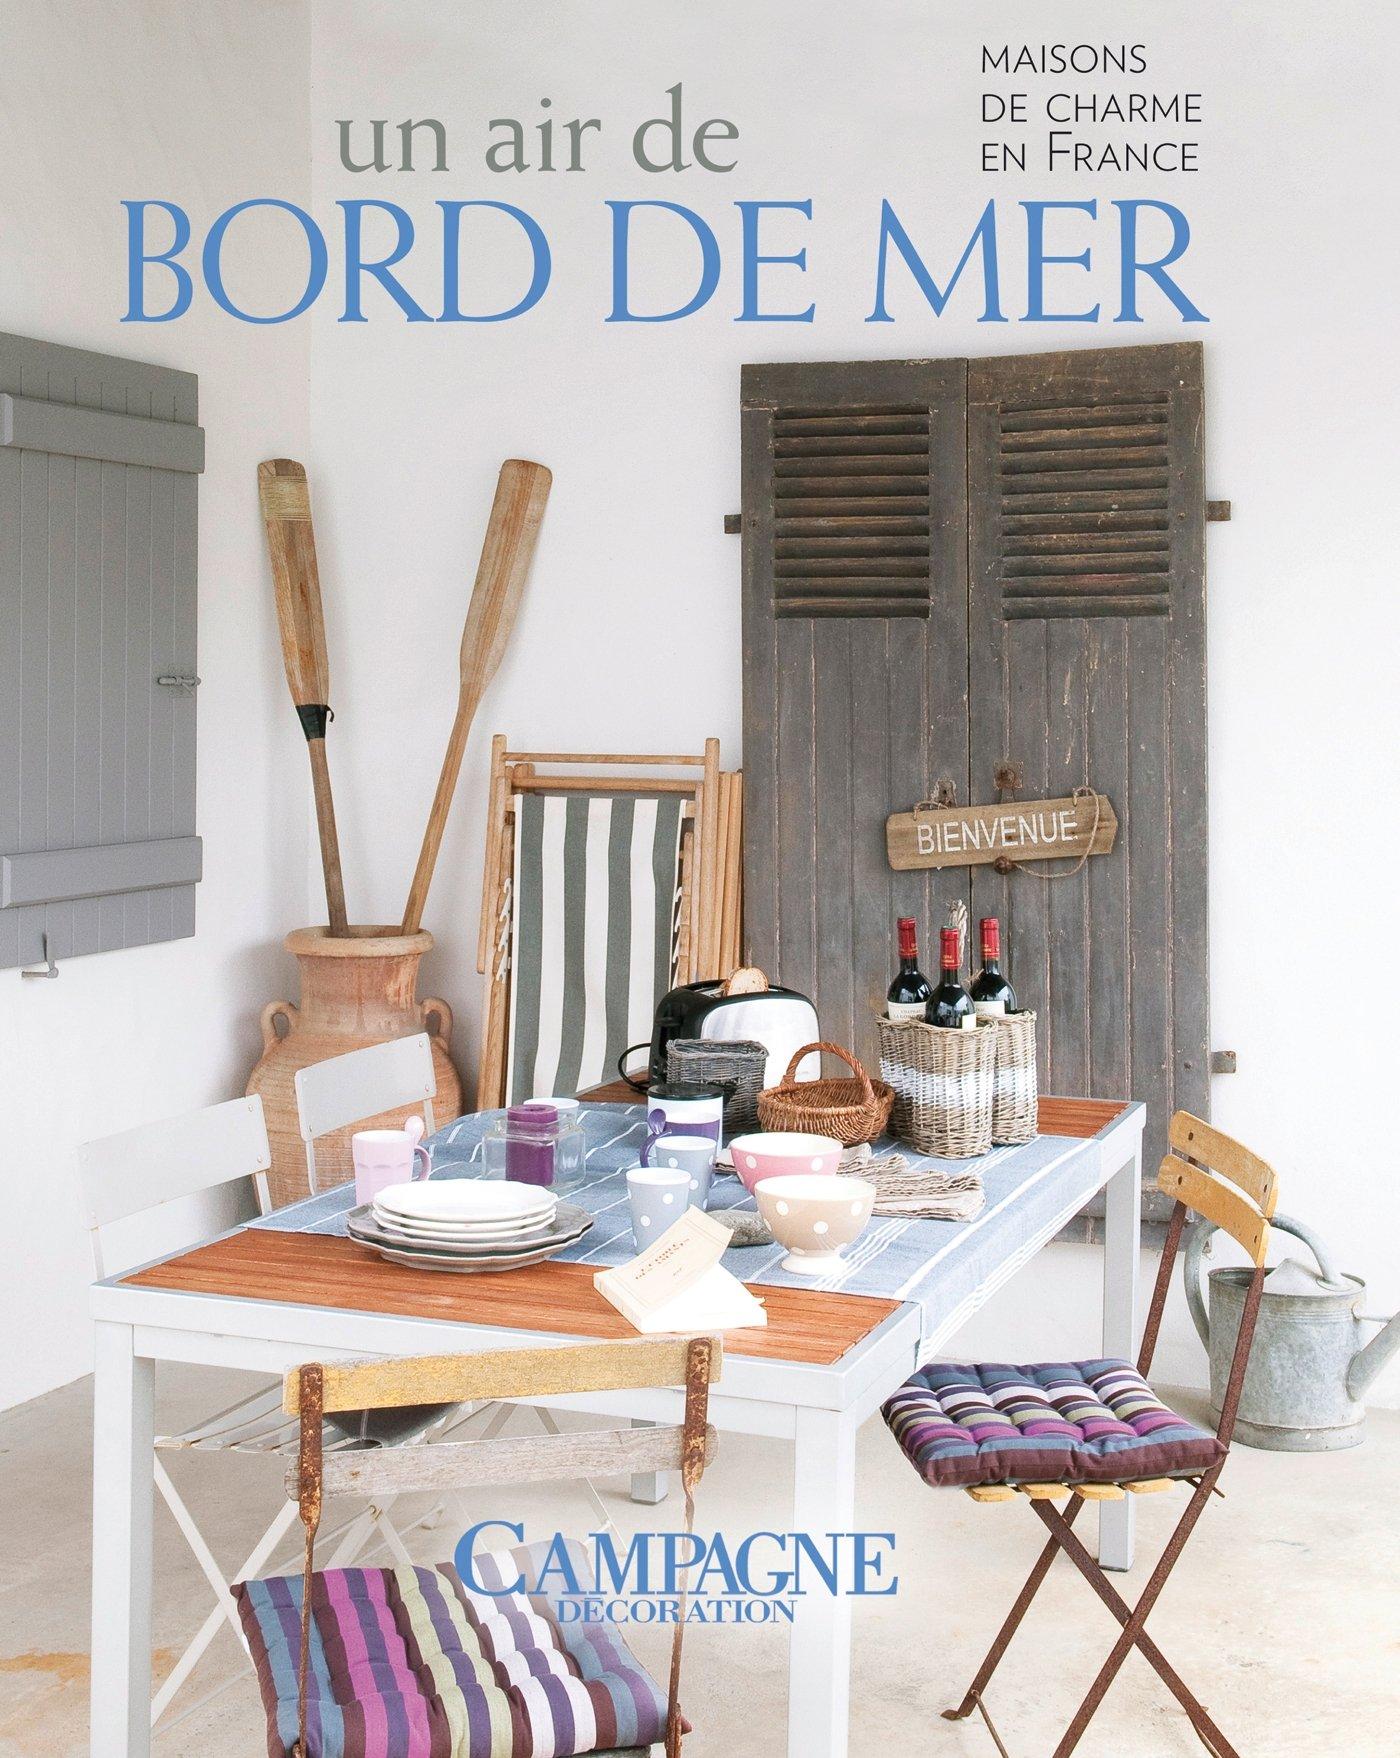 Campagne décoration, N° : Un air de bord de mer : Maisons de charme ...